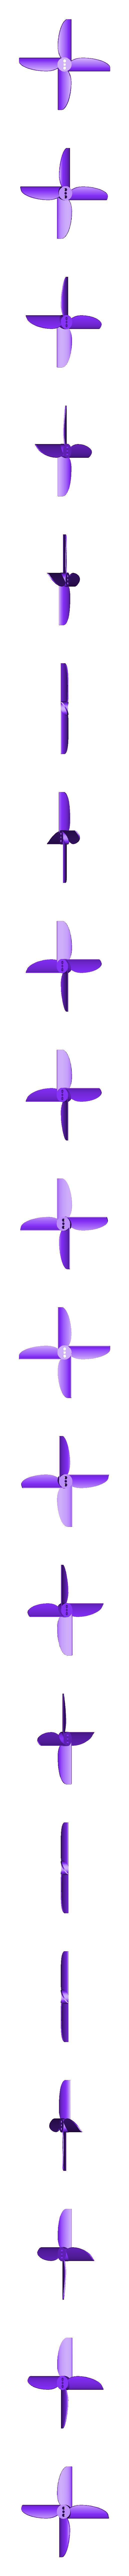 RHR-25_quad_V6_CCW.stl Télécharger fichier STL gratuit RHR-25 Hélice pour quadricoptère de 2,5 po • Modèle pour impression 3D, Gophy